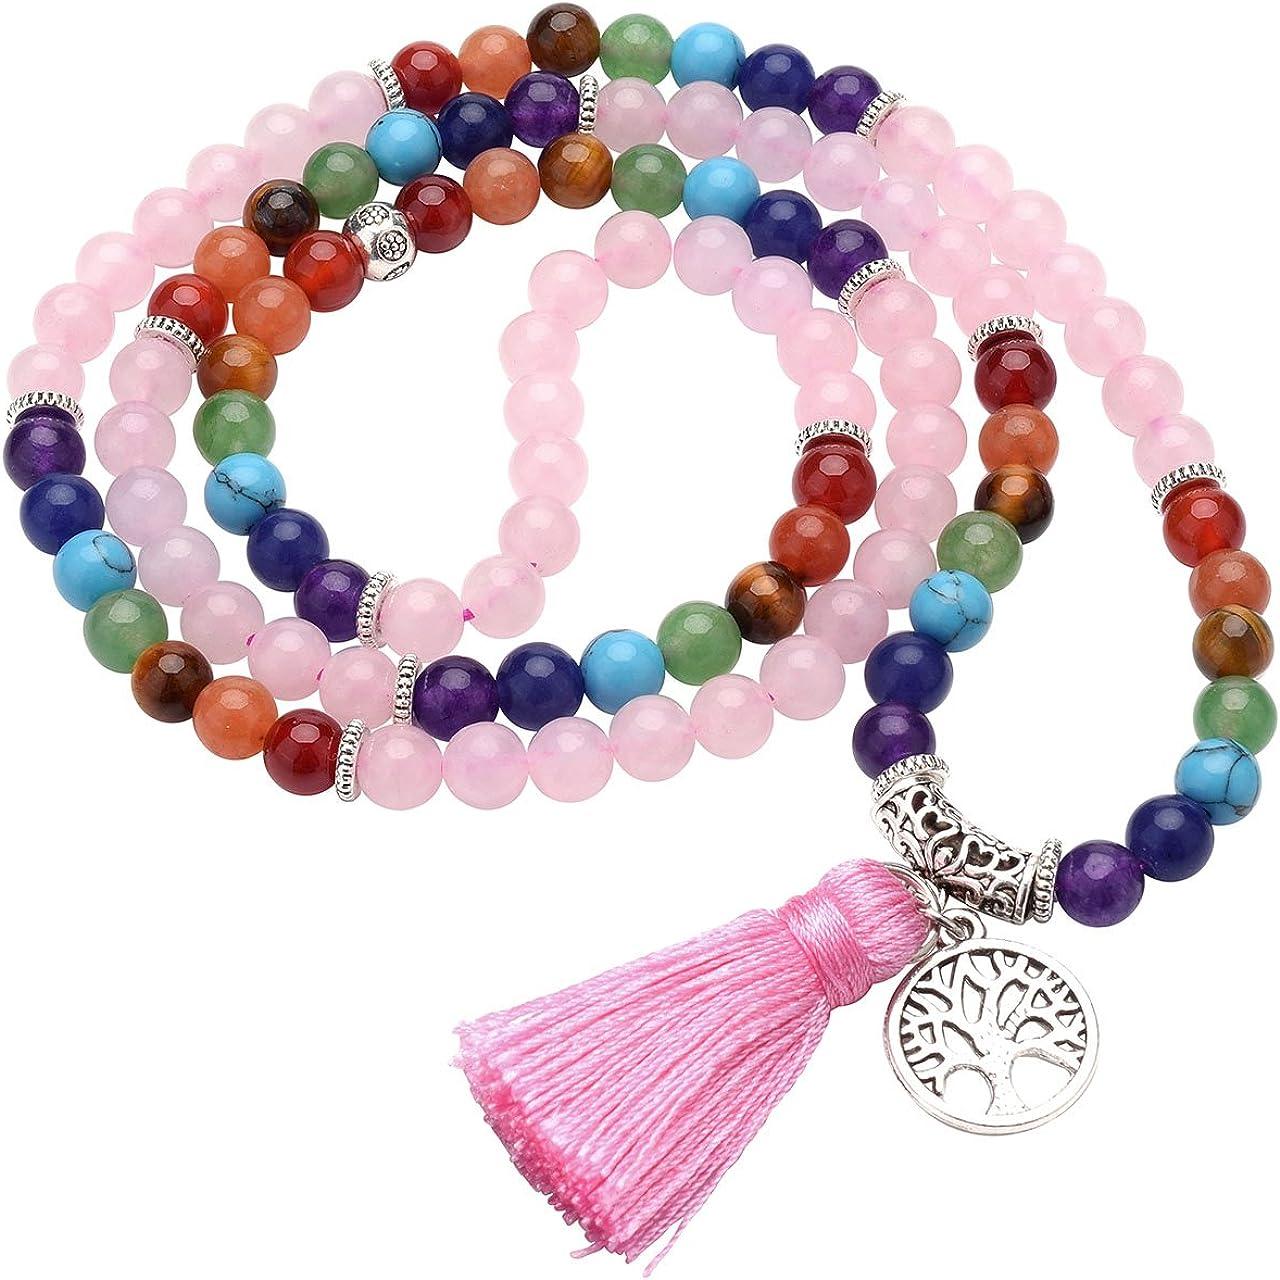 Jovivi Joyas Piedras Natural Collar Pulsera Retro Tibetano Buda India Ágata Mala Recuperación Energía Terapia Rezando Yoga 7Chakra Pulsera elástica–Árbol de la Vida